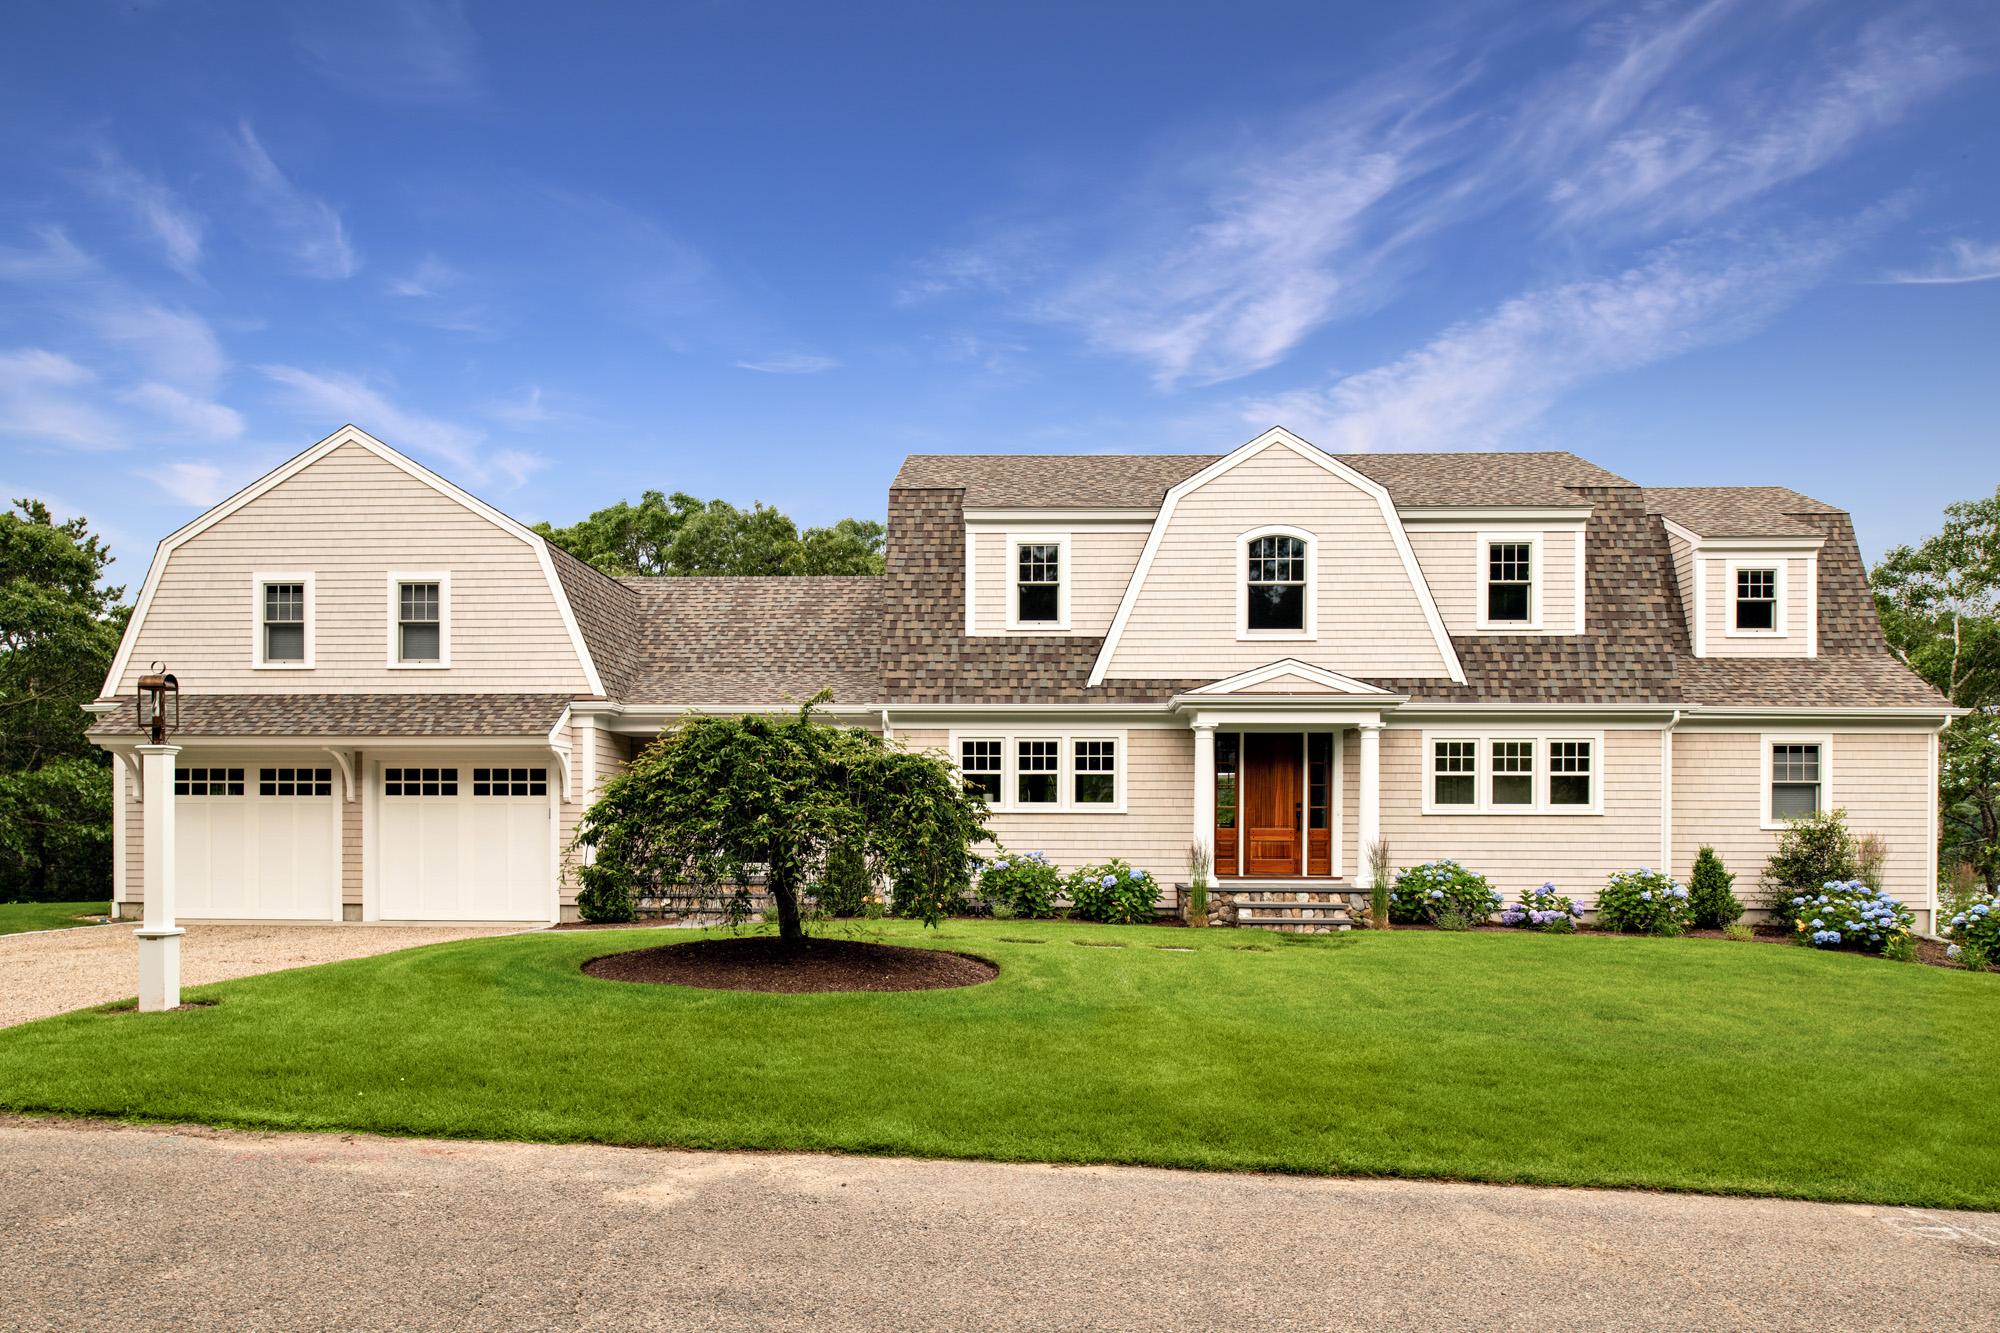 New Home - Dennis, MA